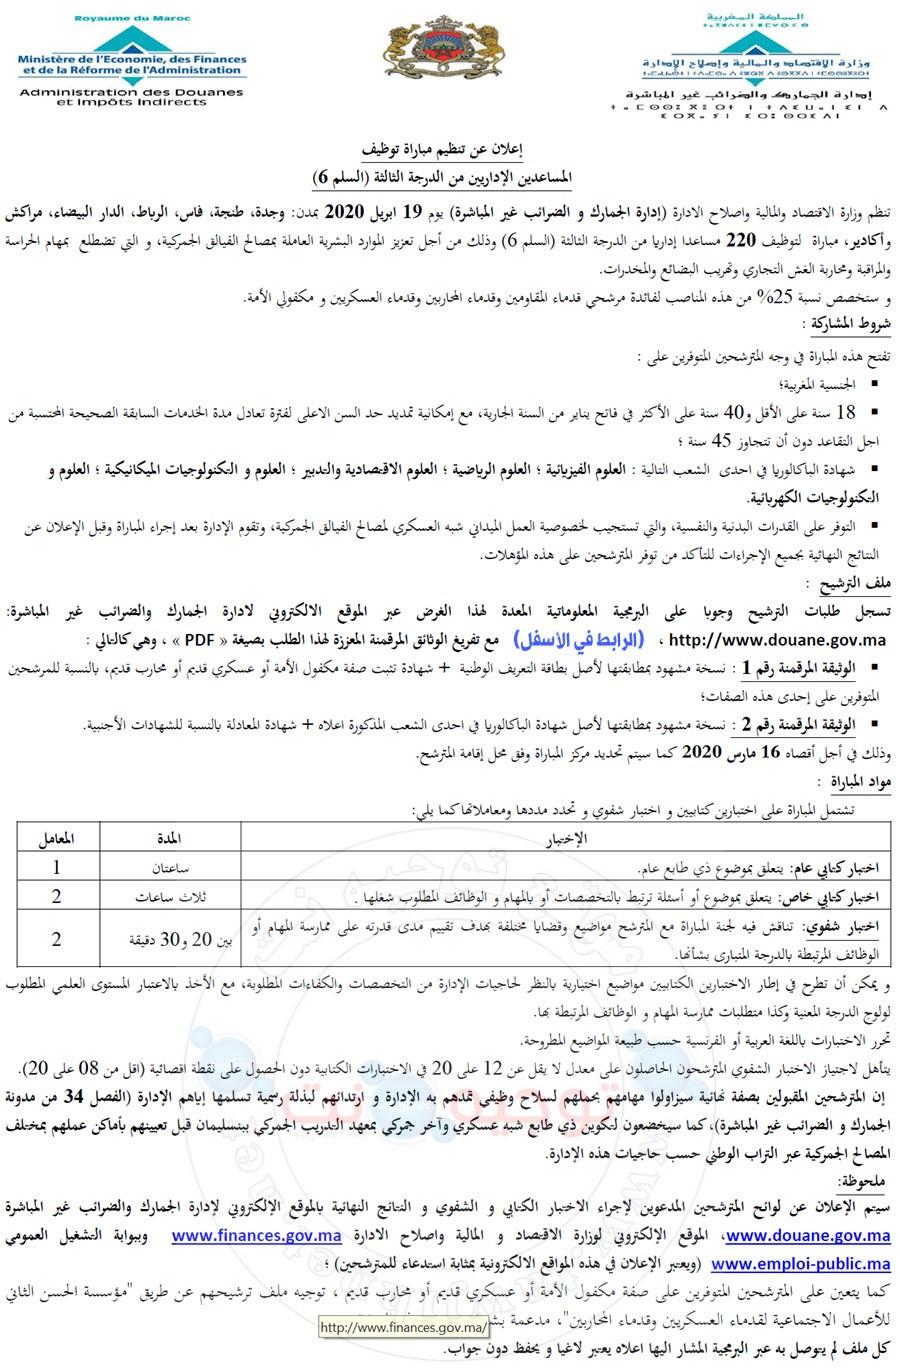 مباراة لتوظيف 220 مساعد إداري الجمارك المغرب Douane 2020